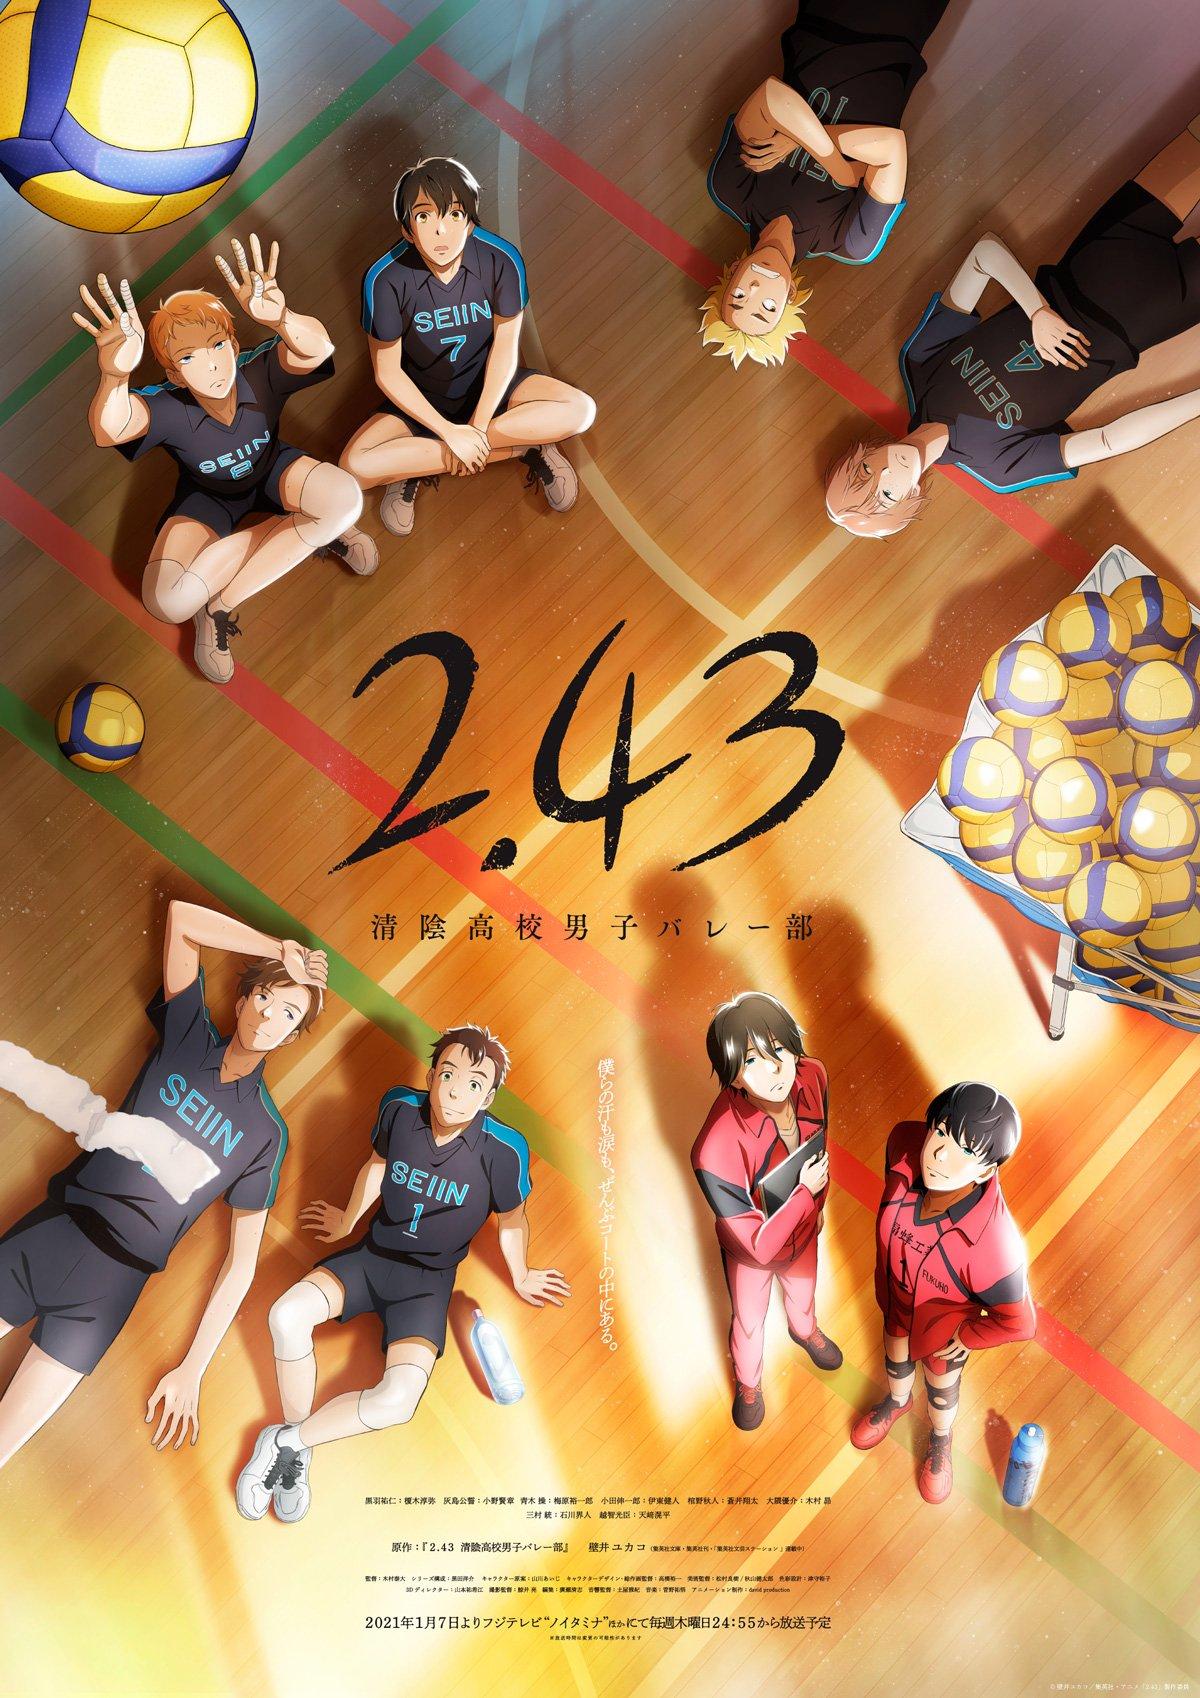 Волейбольный клуб старшей школы Сэйин / 2.43 Seiin Koukou Danshi Volley Bu / 2.43: Волейбольный клуб старшей школы Сэйин / 2.43: Seiin Koukou Danshi Volley-bu (2021)